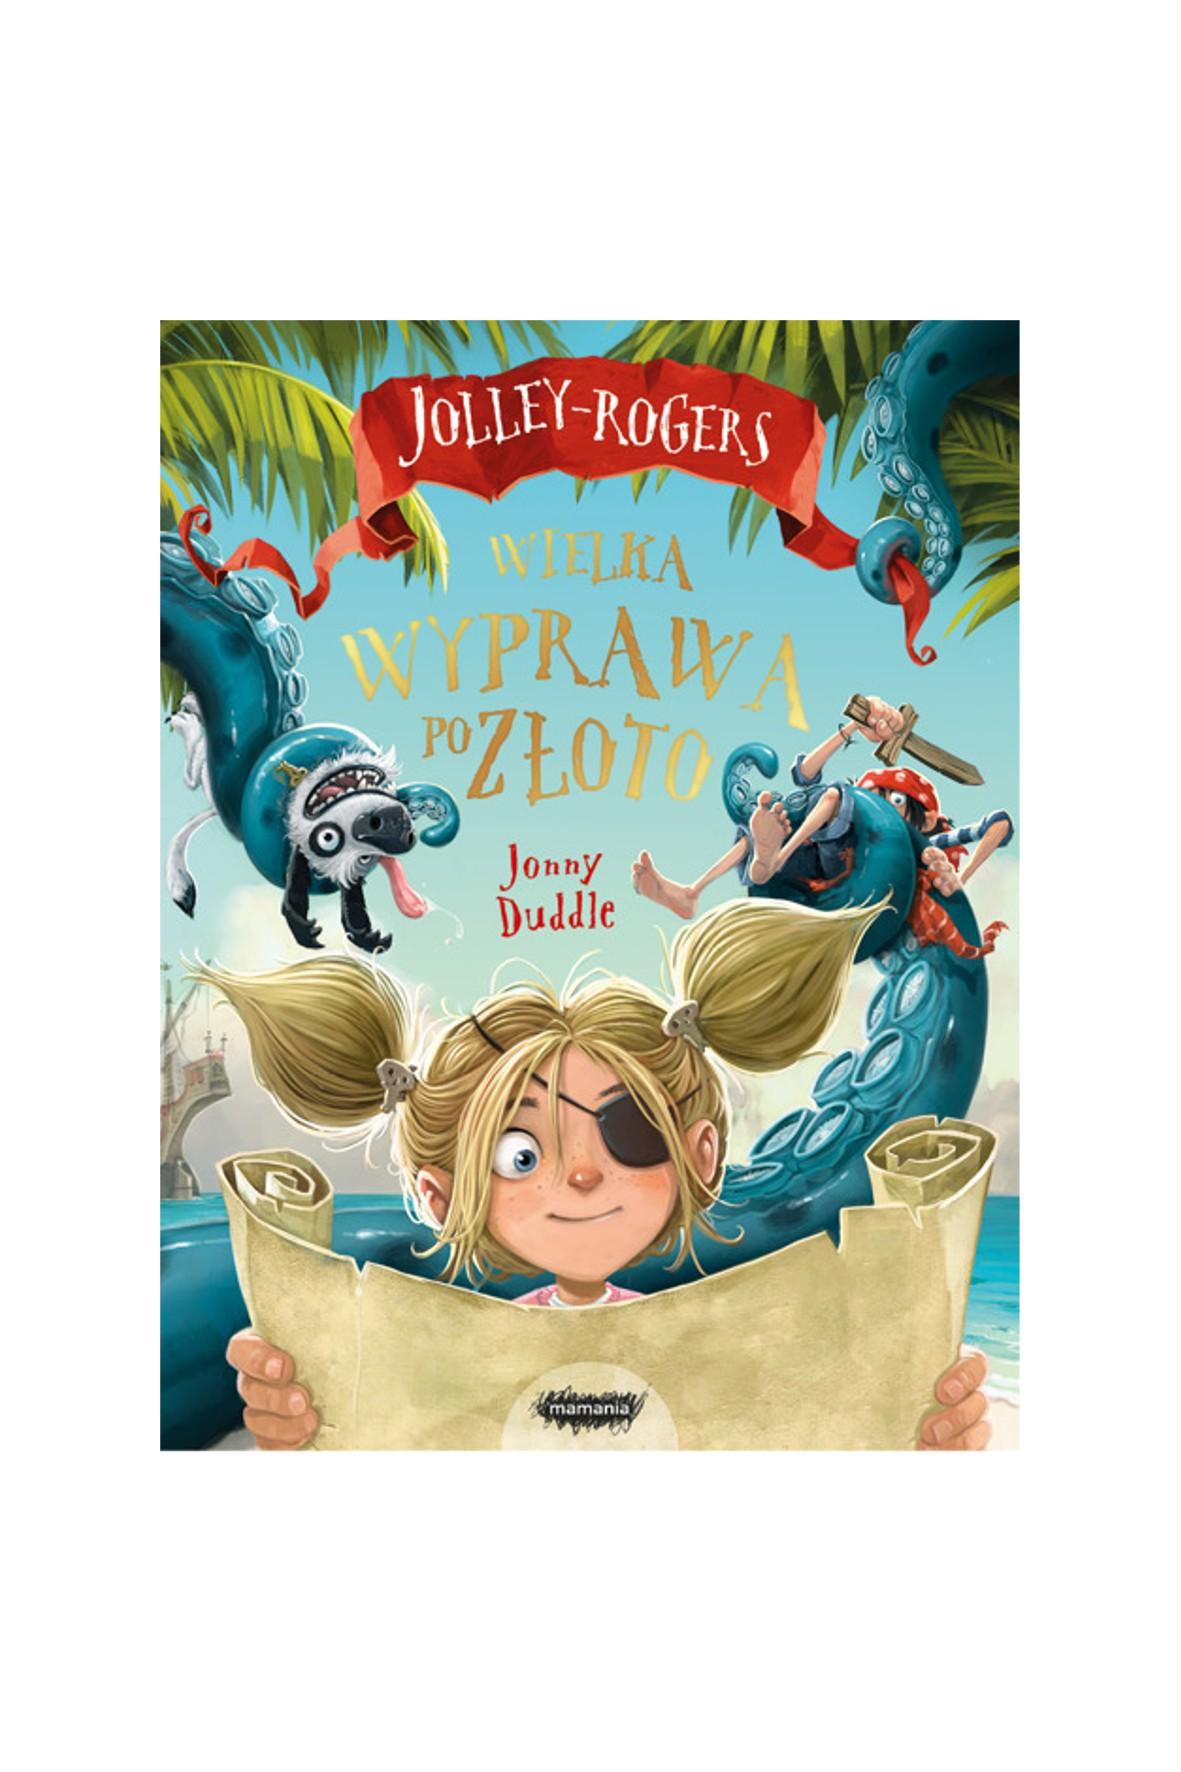 """Książka Jolley-Rogers- ,,Wielka wyprawa po złoto"""""""